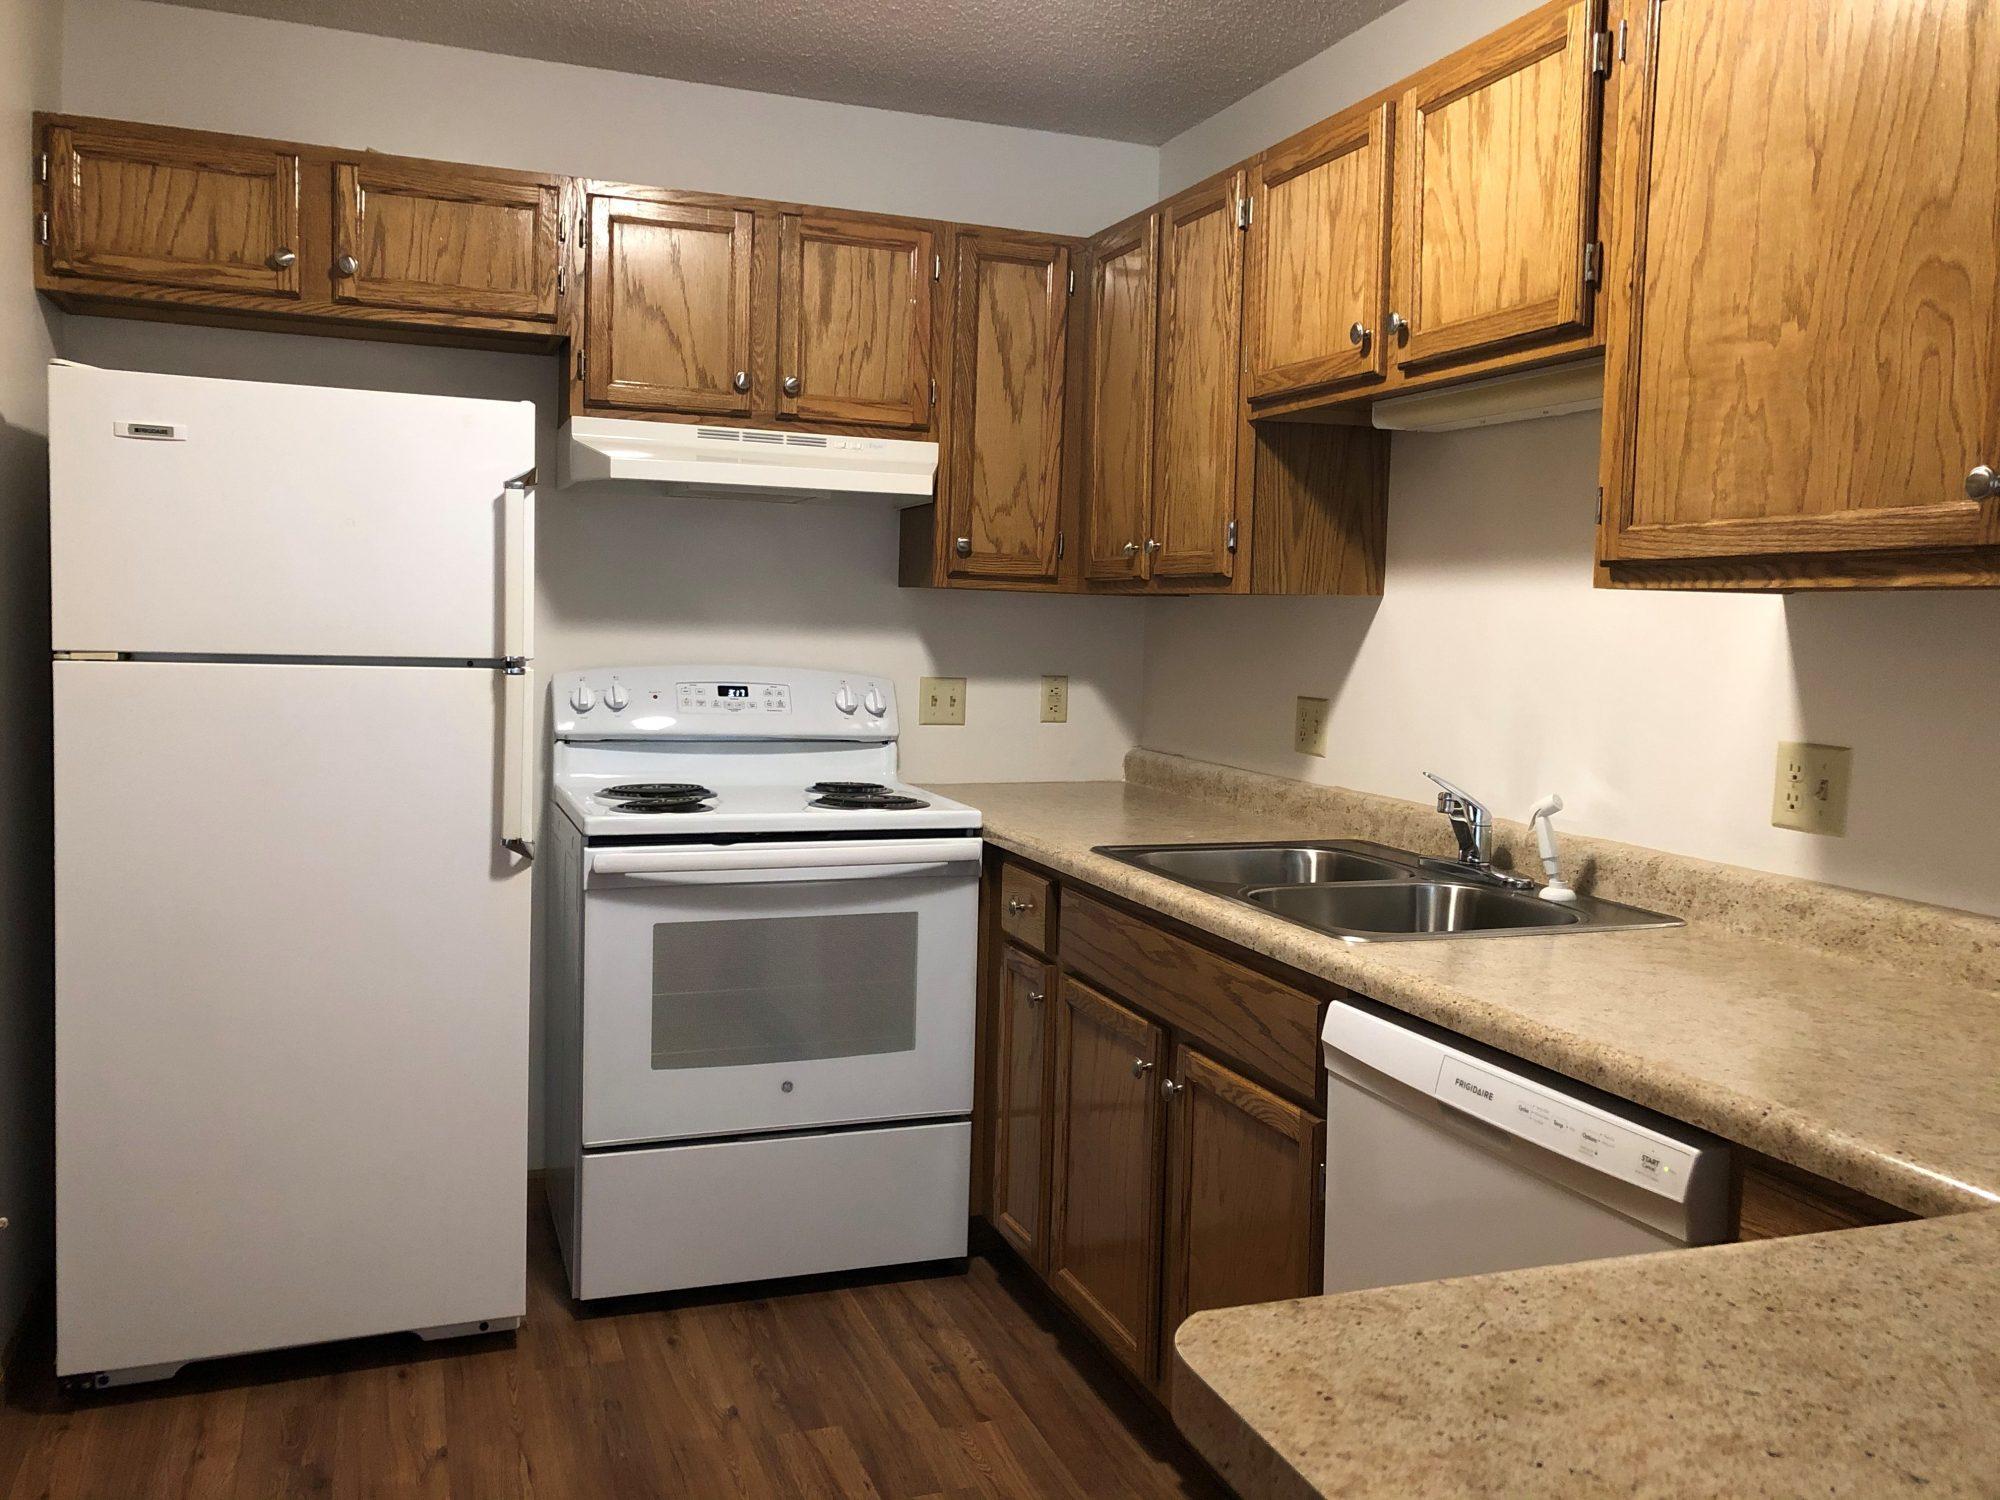 Villas of Caroline kitchen